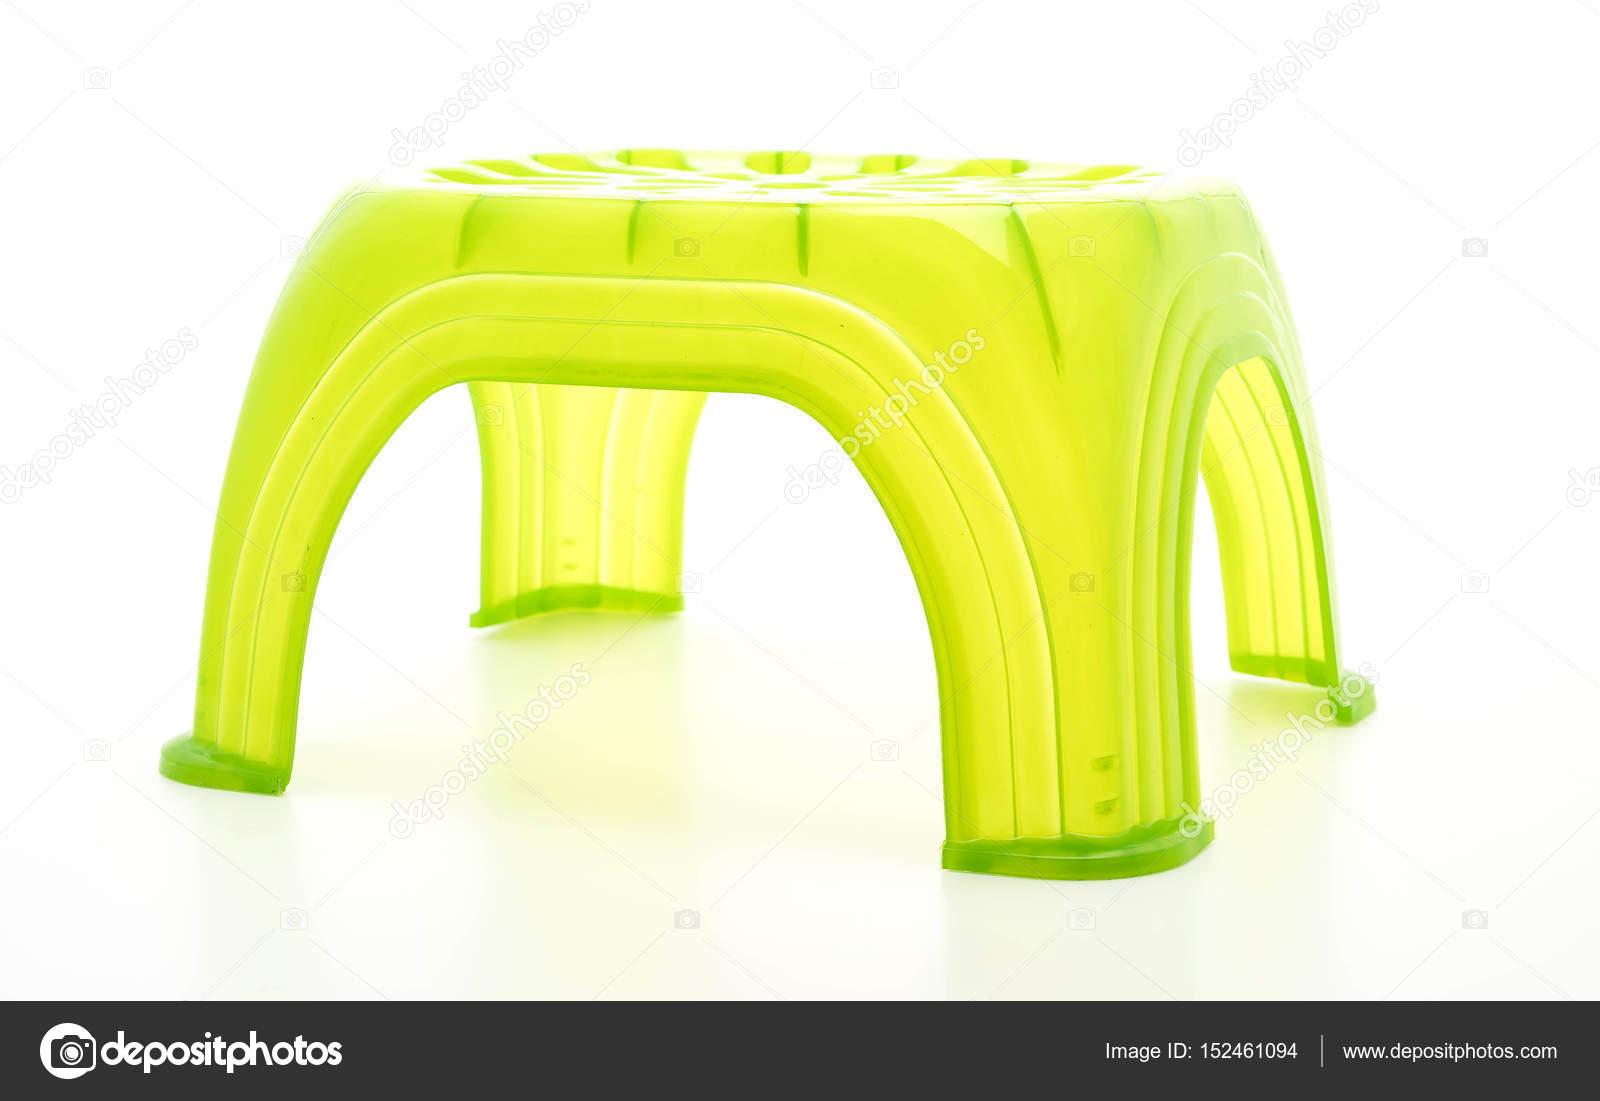 Piccolo sgabello di plastica verde u2014 foto stock © topntp #152461094